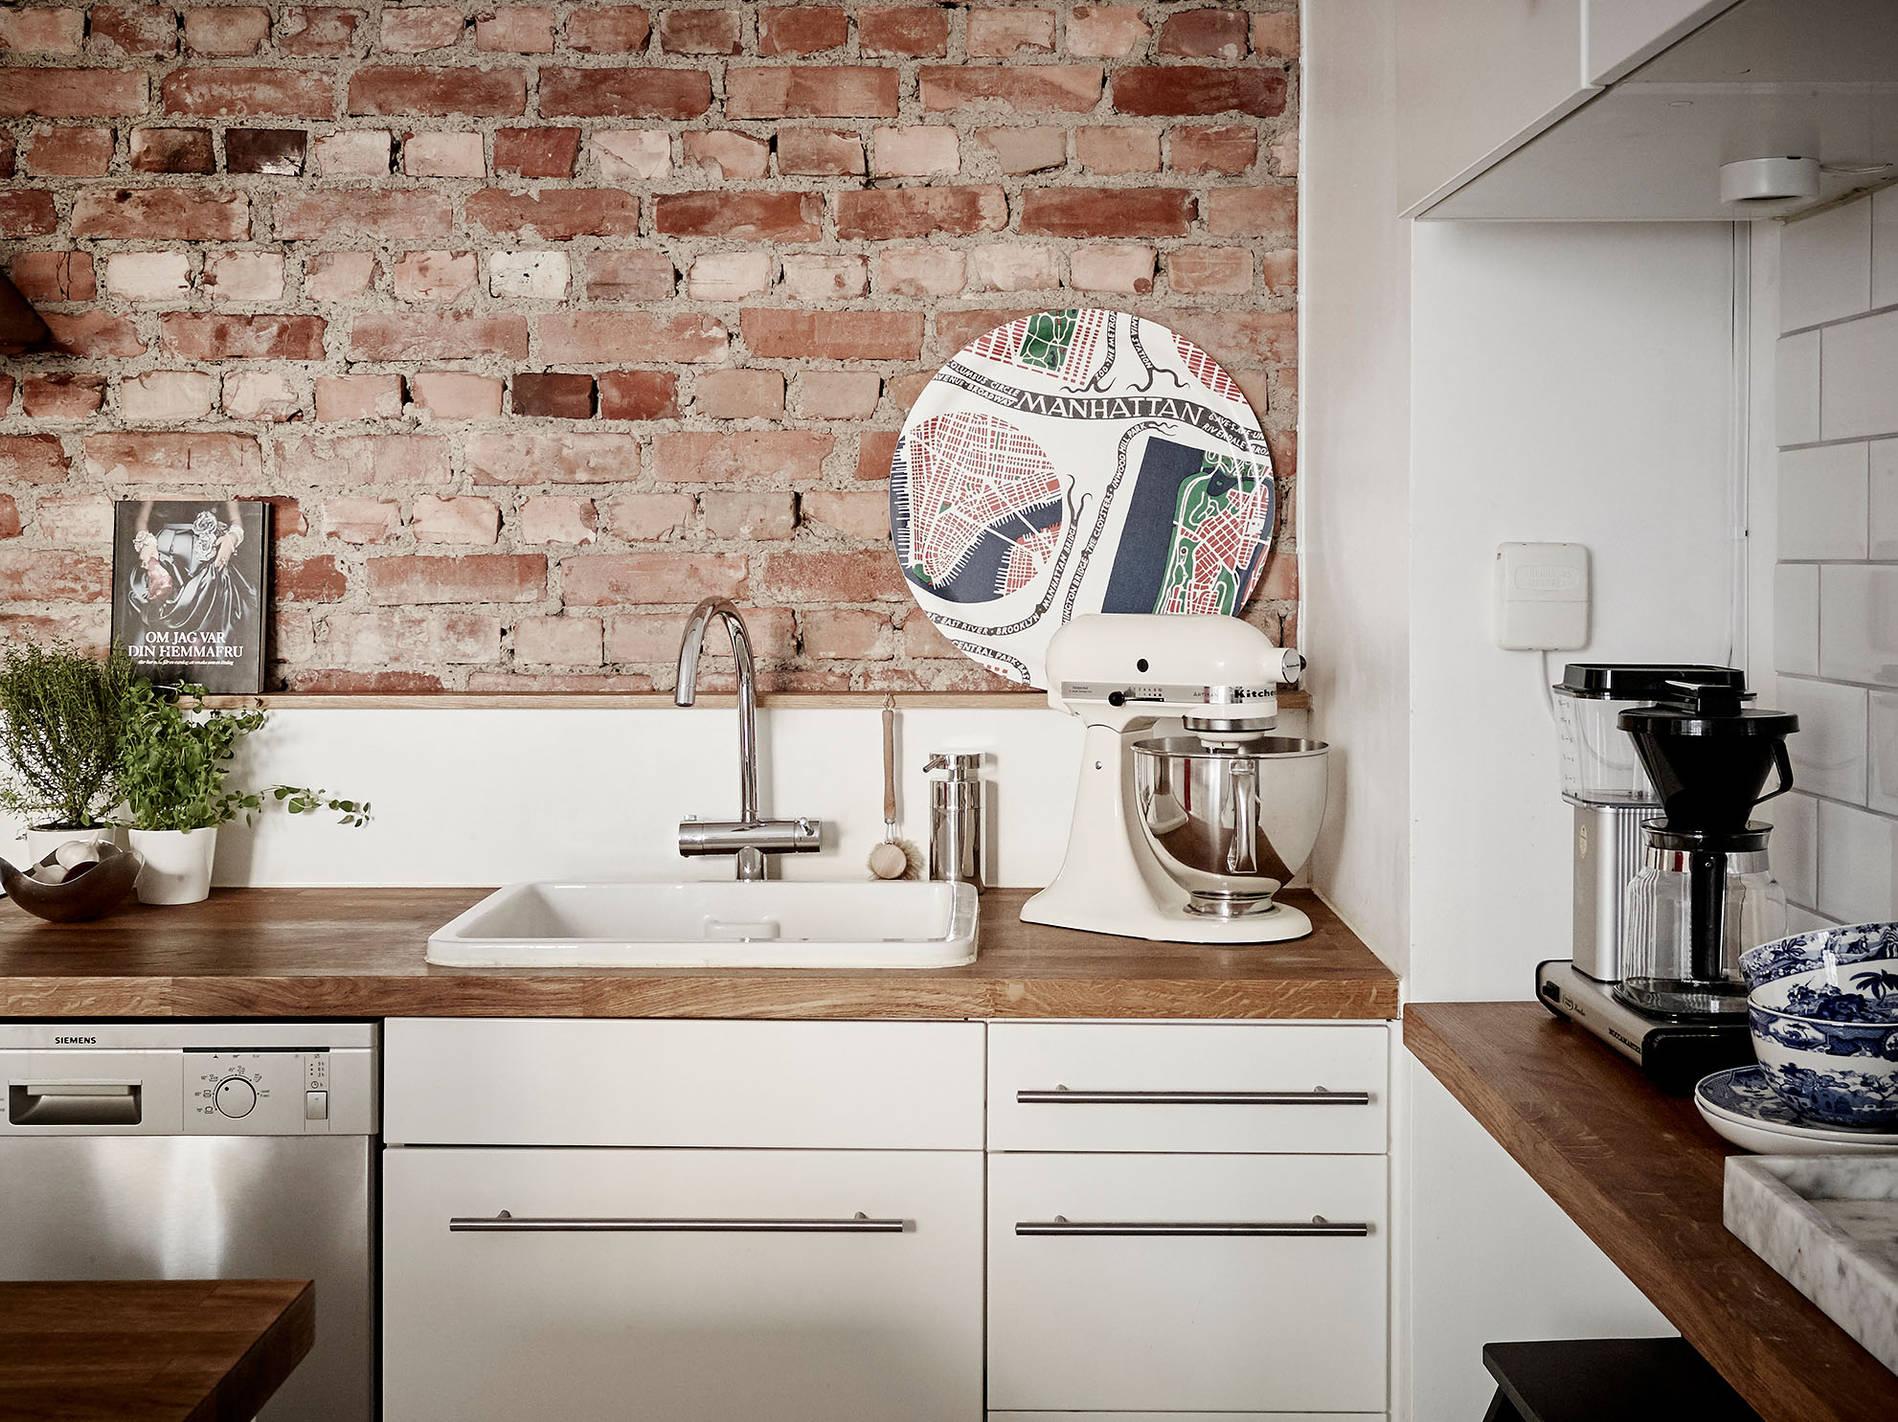 Appartement Nordhemsgatan 31 B_1 en vente sur Stadshem || #cuisine #murs de #briques